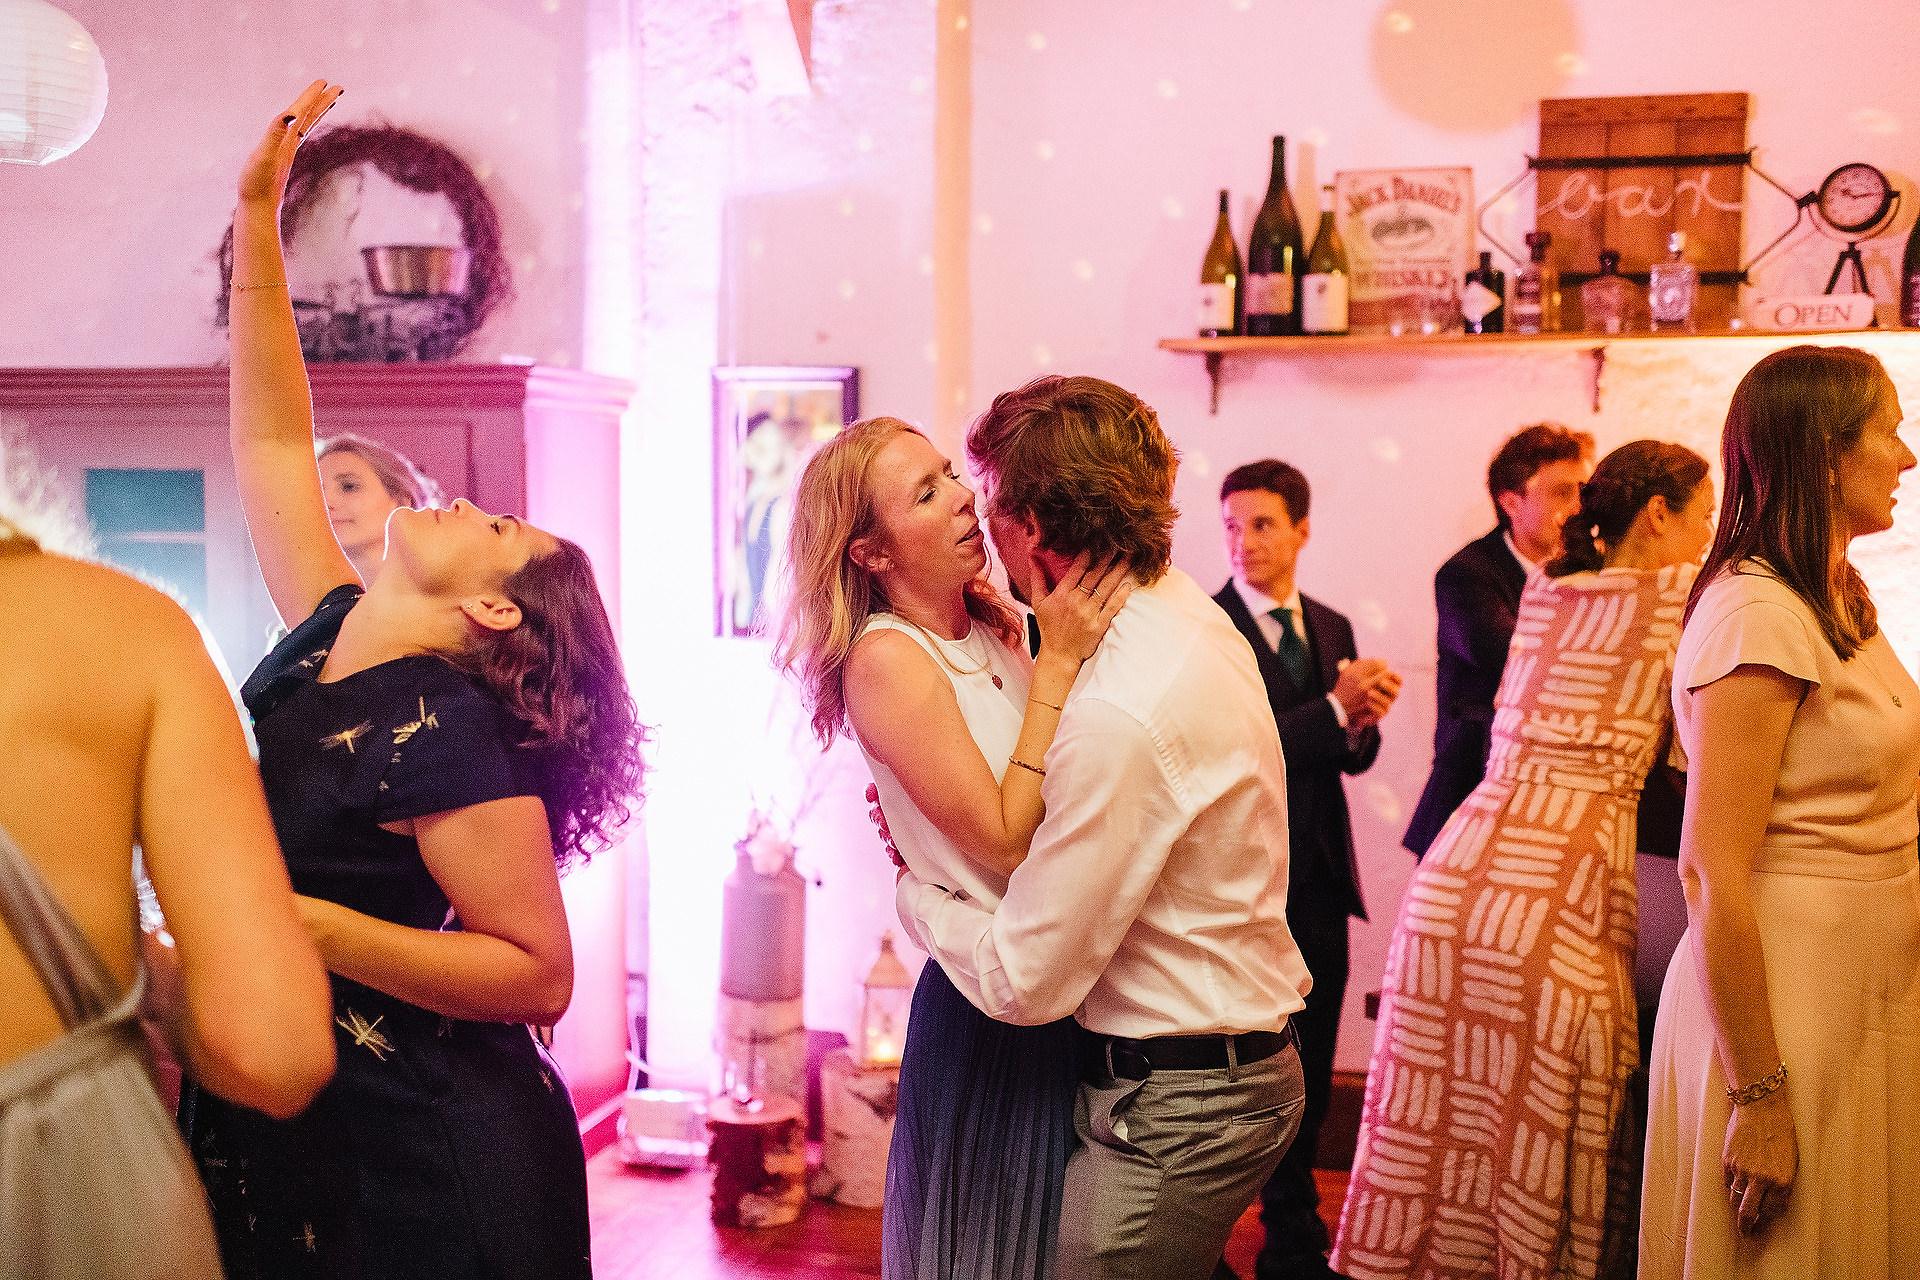 Fotograf Konstanz - Hochzeitsreportage Freiburg Hofgut Lilienhof Hochzeit Fotograf Konstanz 102 - Wedding in Freiburg and Hofgut Lilienhof  - 194 -